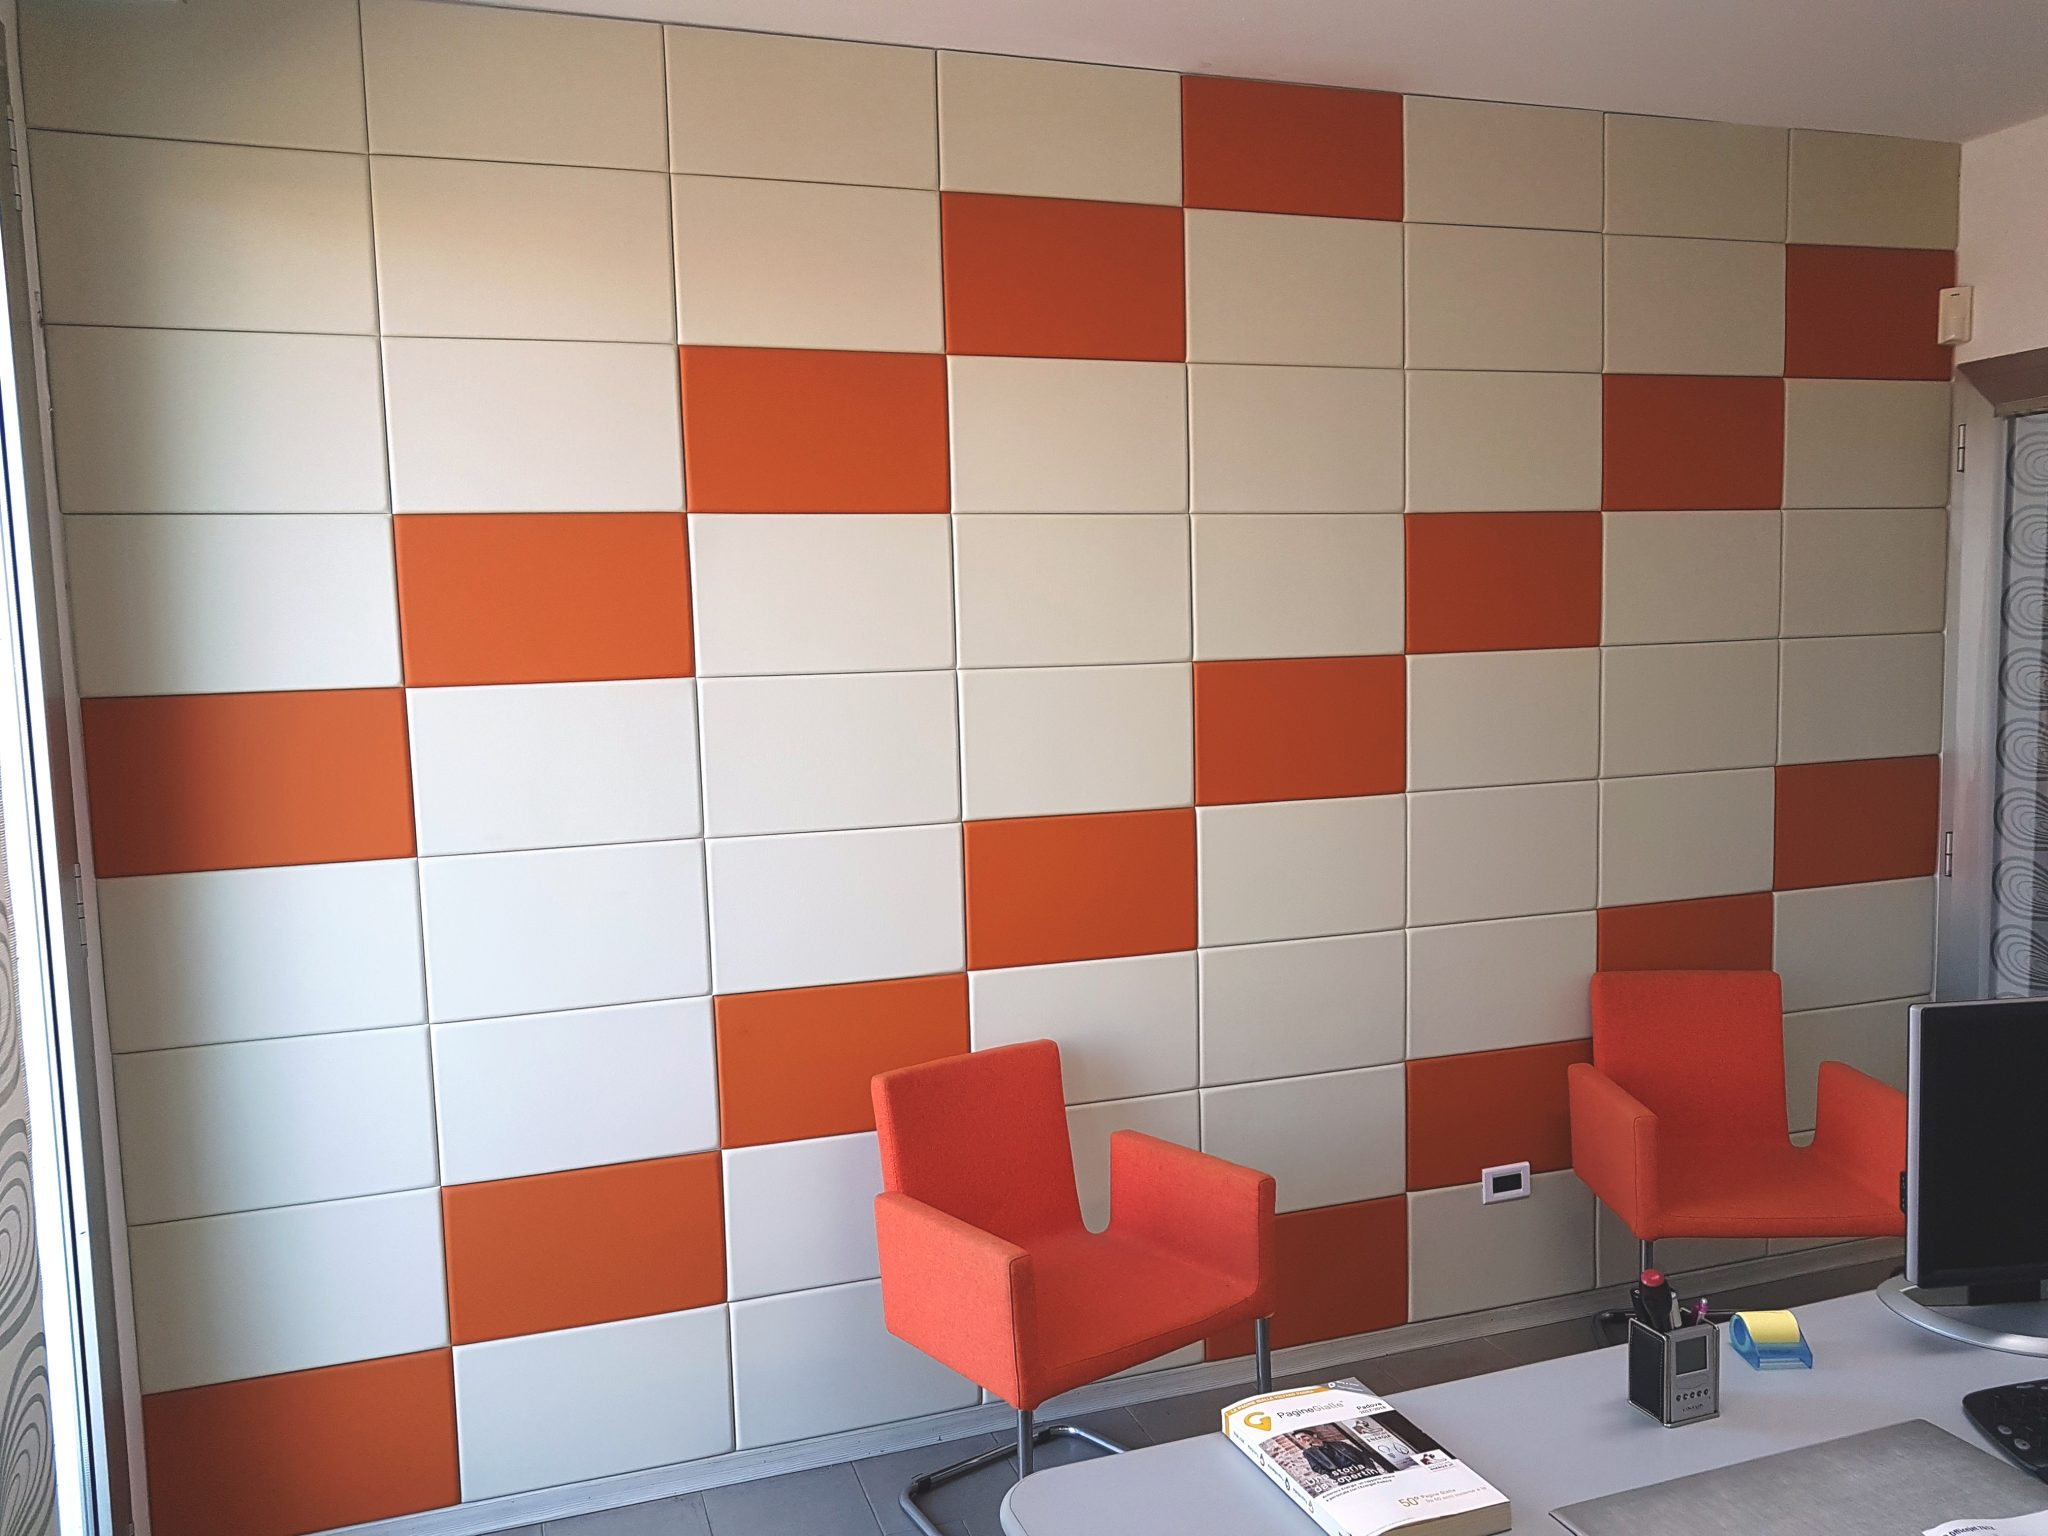 Piastrelle adesive ecopelle arancio scuro for Decorazioni adesive piastrelle